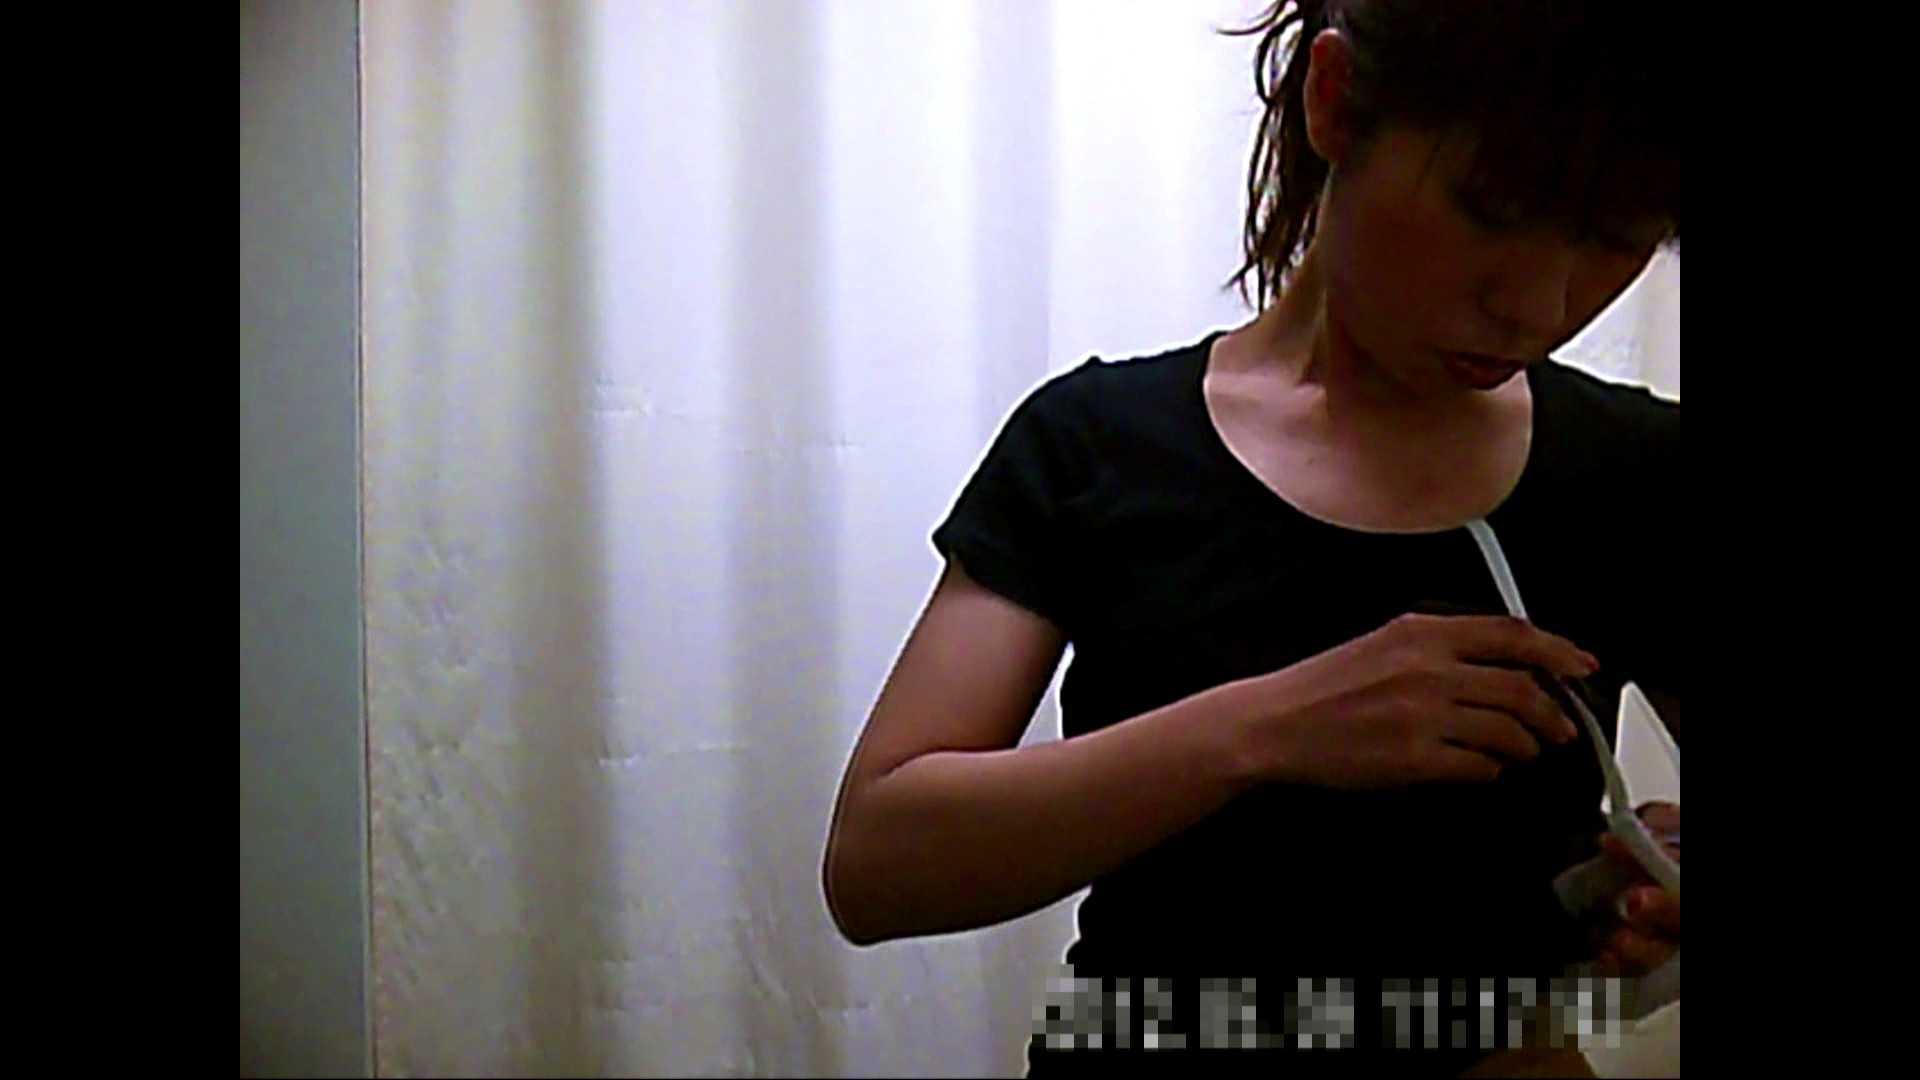 元医者による反抗 更衣室地獄絵巻 vol.002 お姉さんのSEX アダルト動画キャプチャ 109枚 98